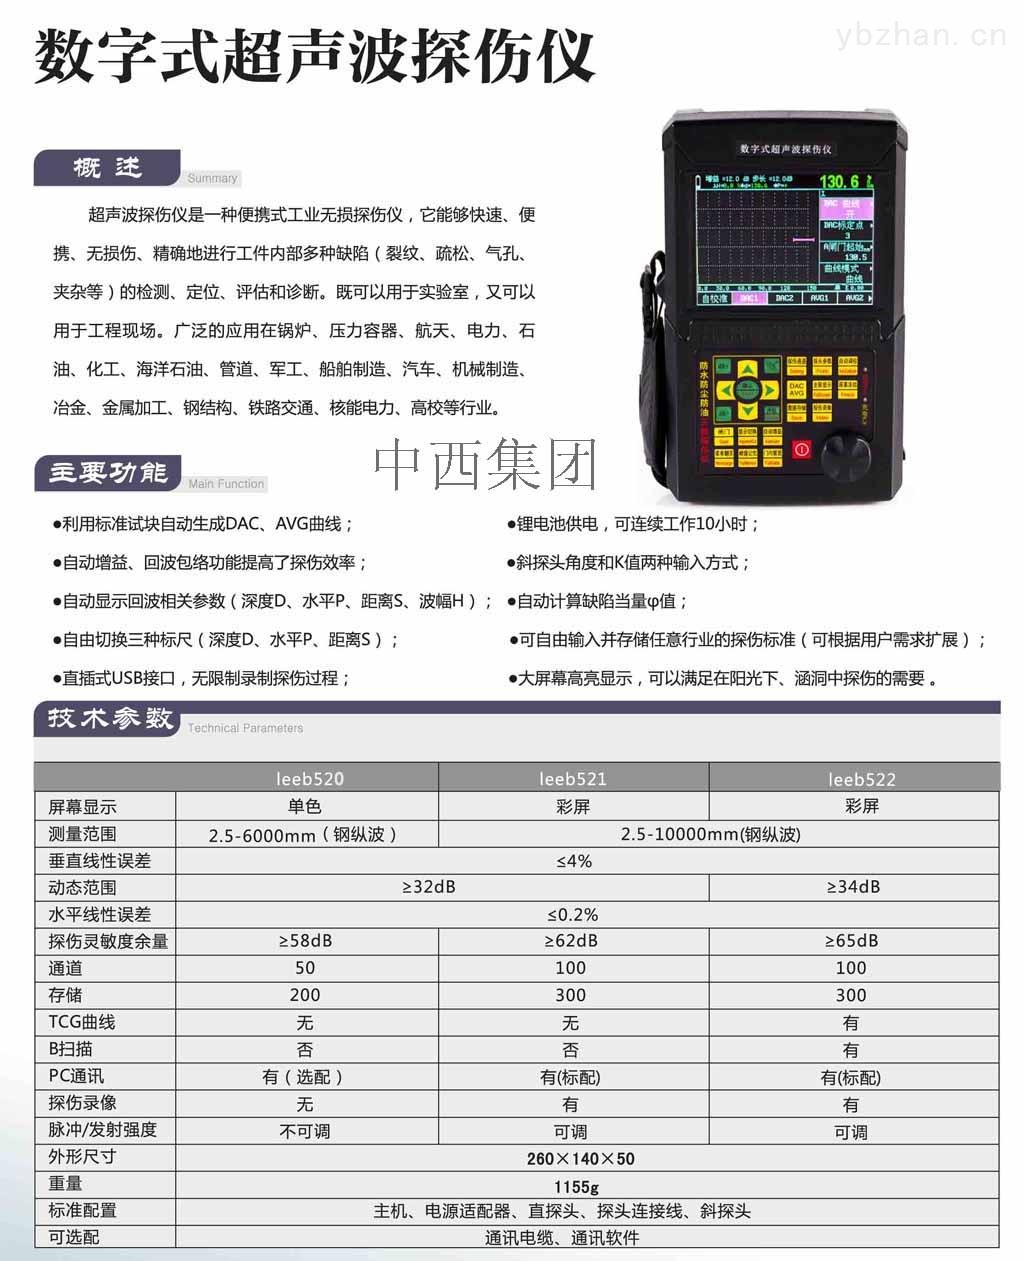 多功能型超声波探伤仪 型号:RR64-leeb522